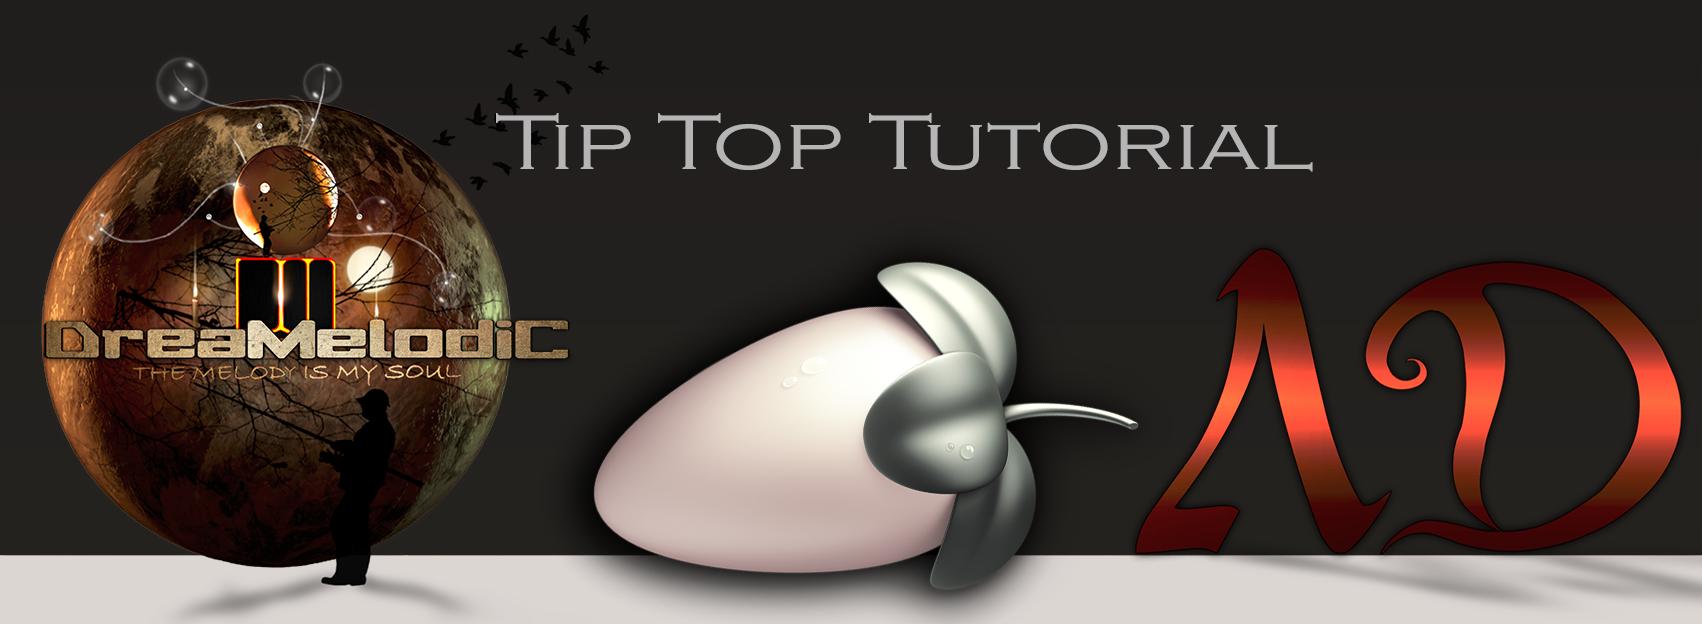 1.tiptop